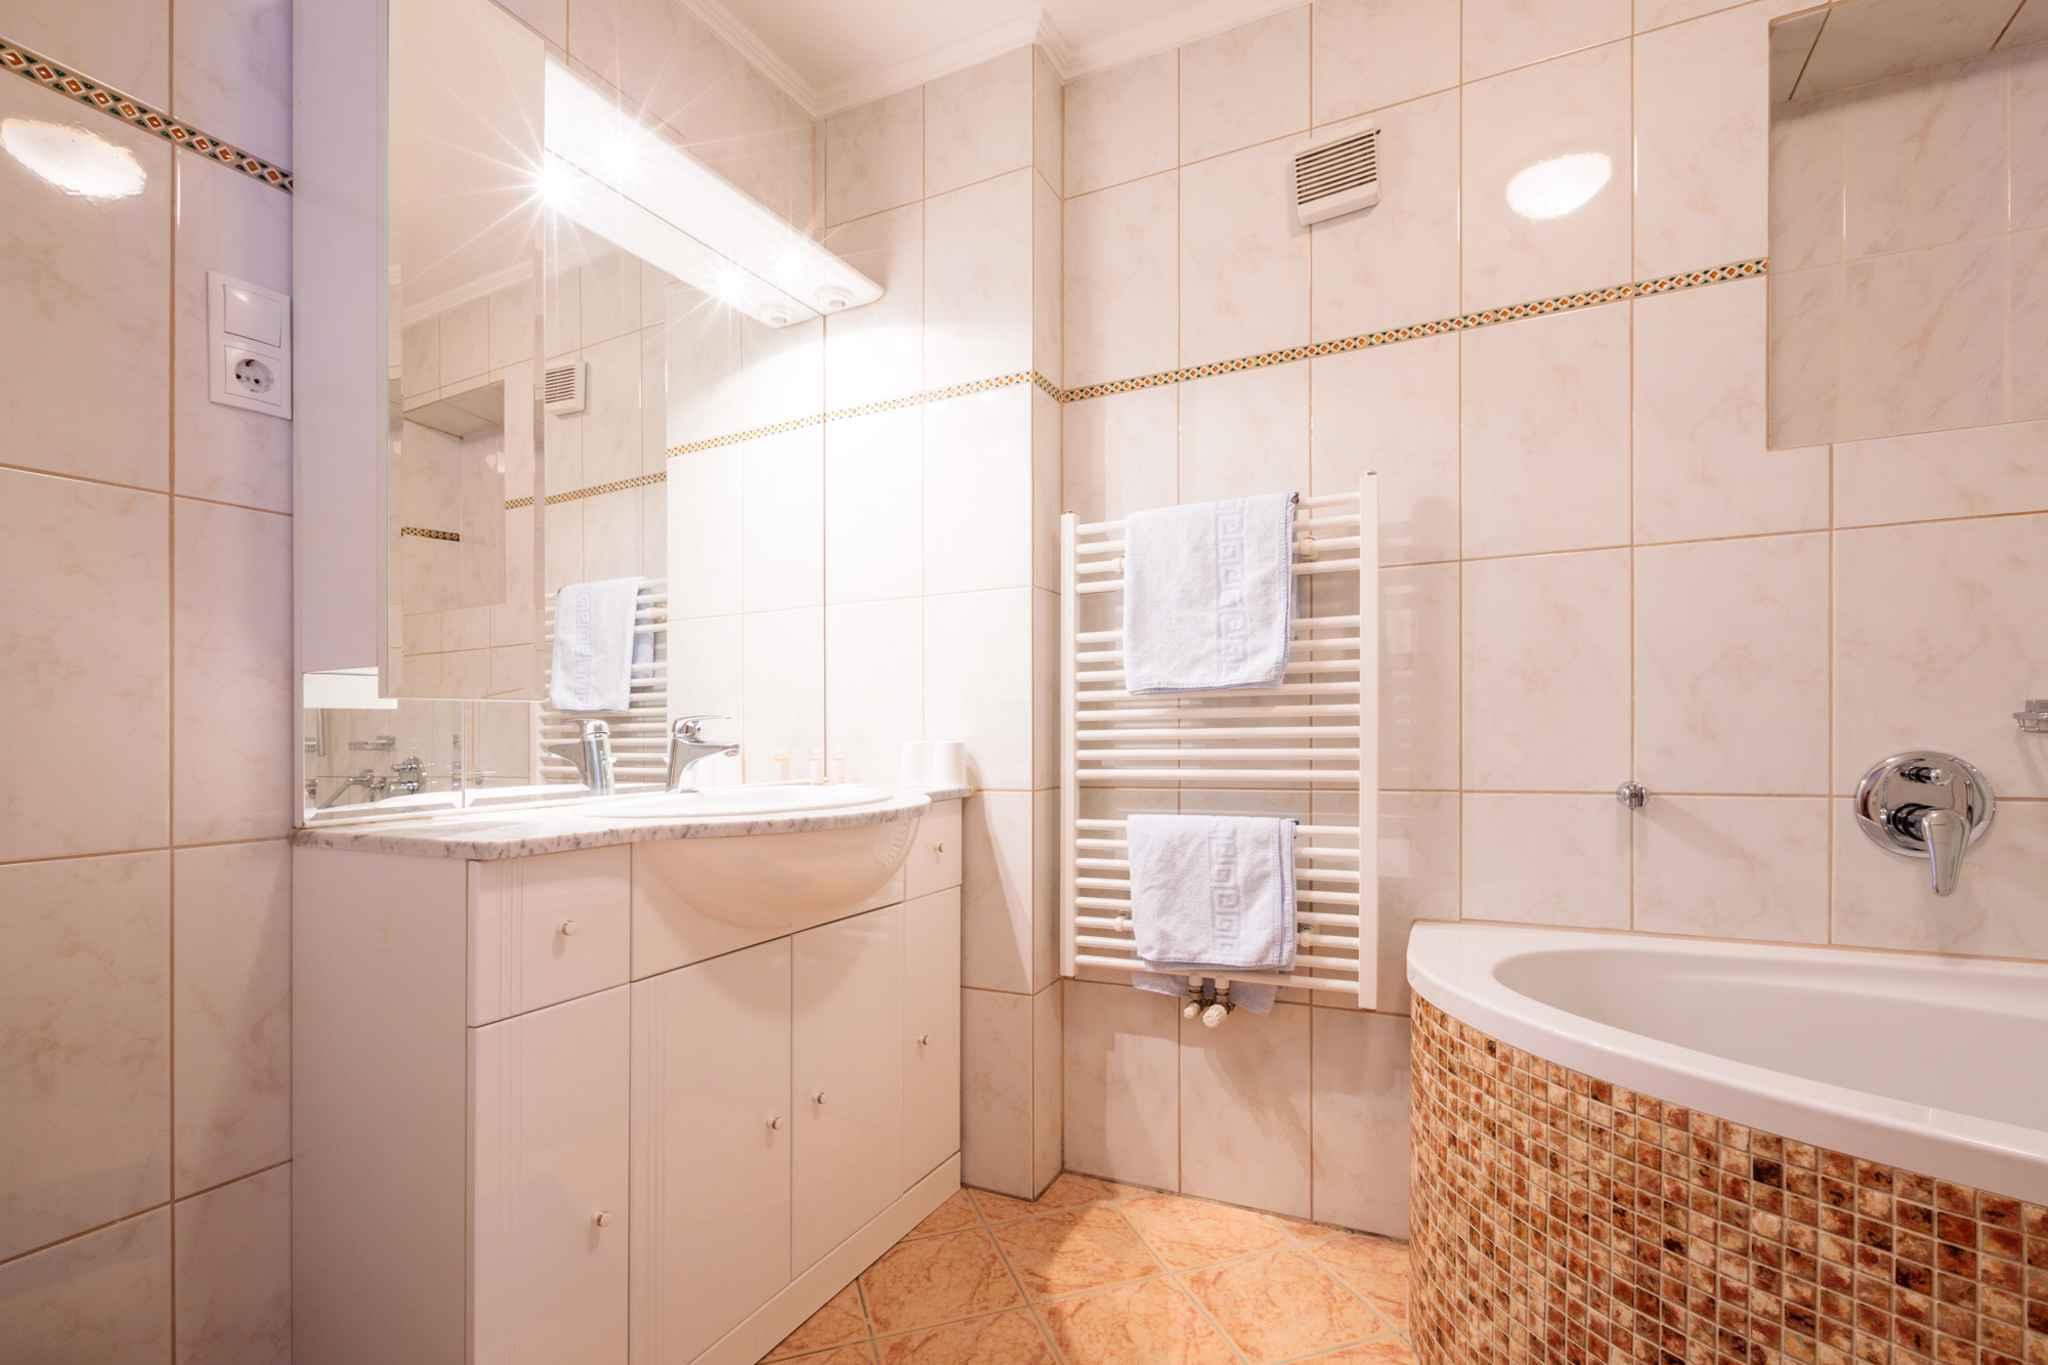 Holiday apartment mit Tiroler Stube mit Kachelofen und Geschirrspüler (773780), Längenfeld, Ötztal, Tyrol, Austria, picture 20